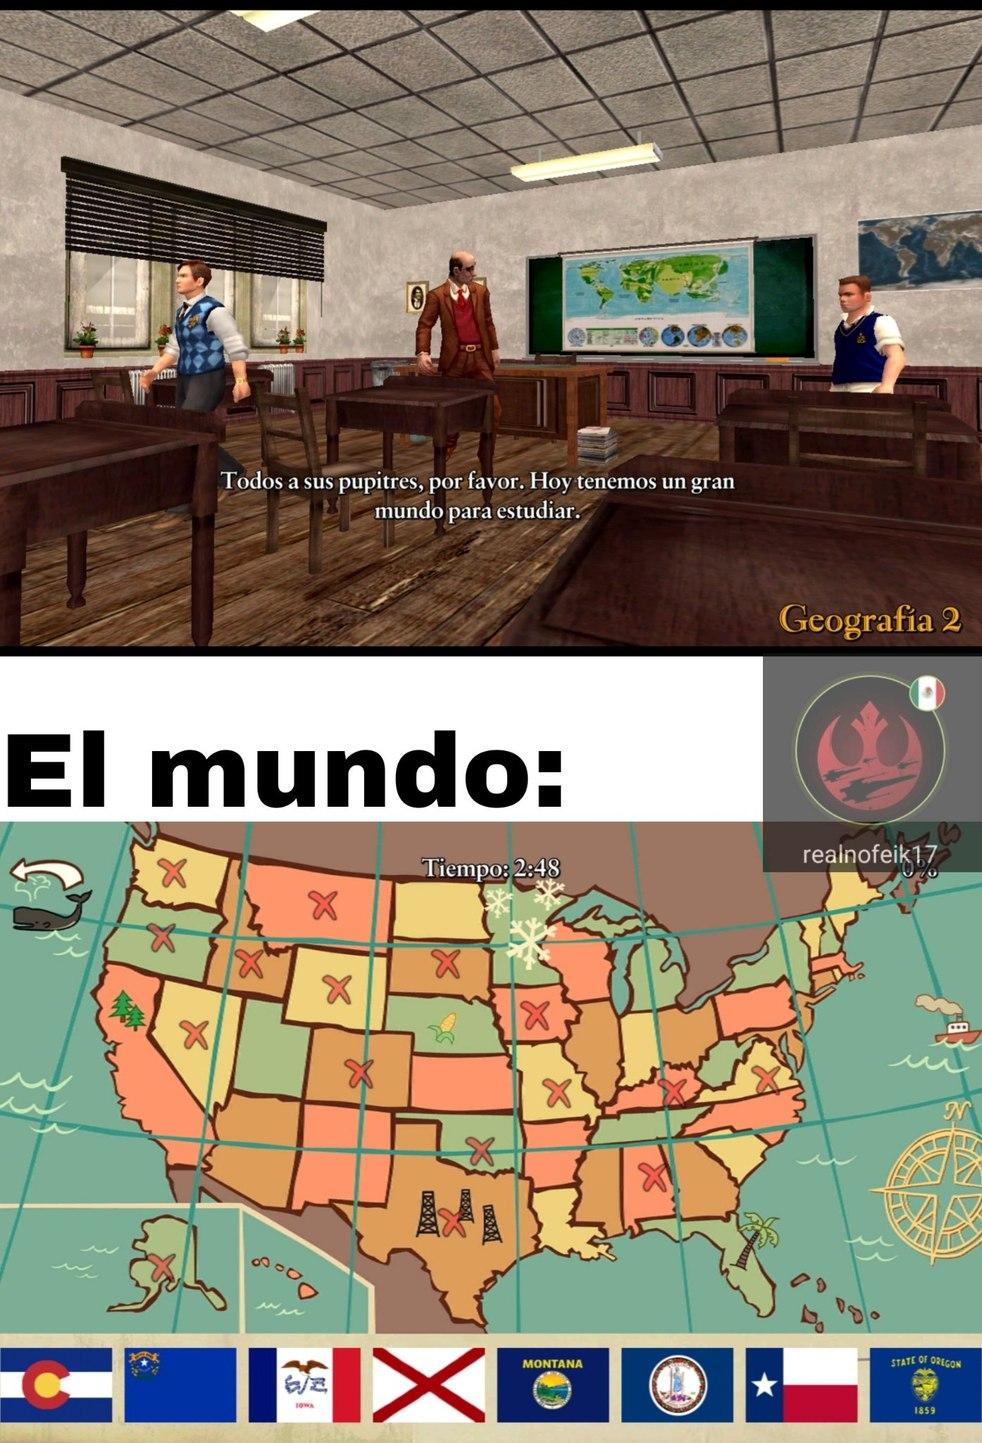 estadounidenses be like - meme